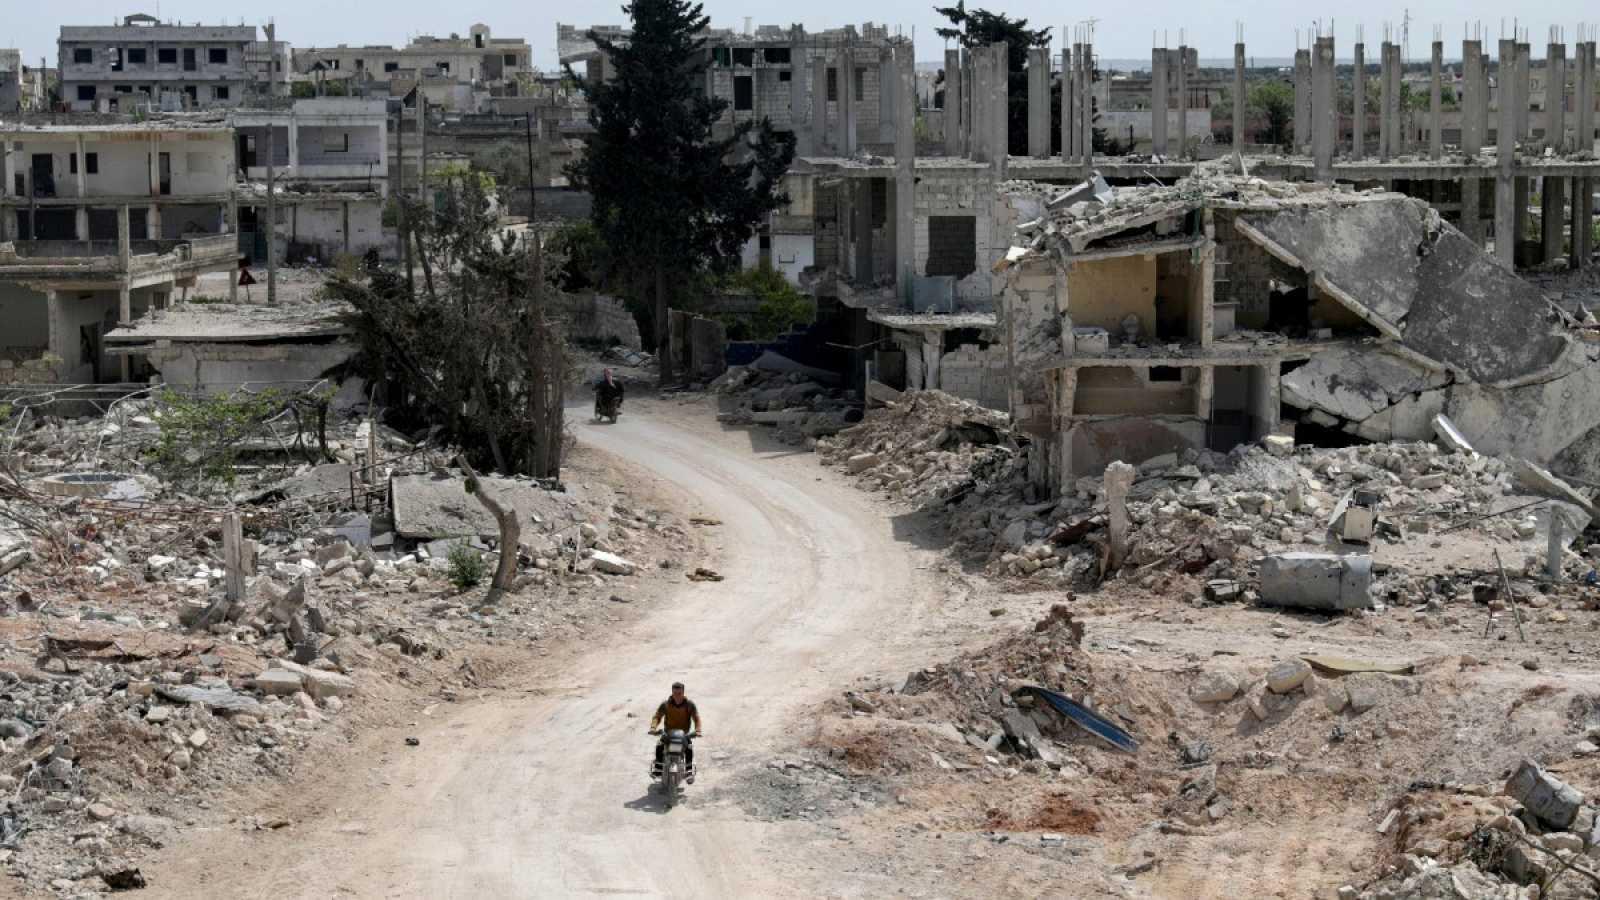 Un hombre en motocicleta pasa entre edificios derruidos en la ciudad de Nairab, en la región de Idlib, Siria, el 17 de abril de 2020.